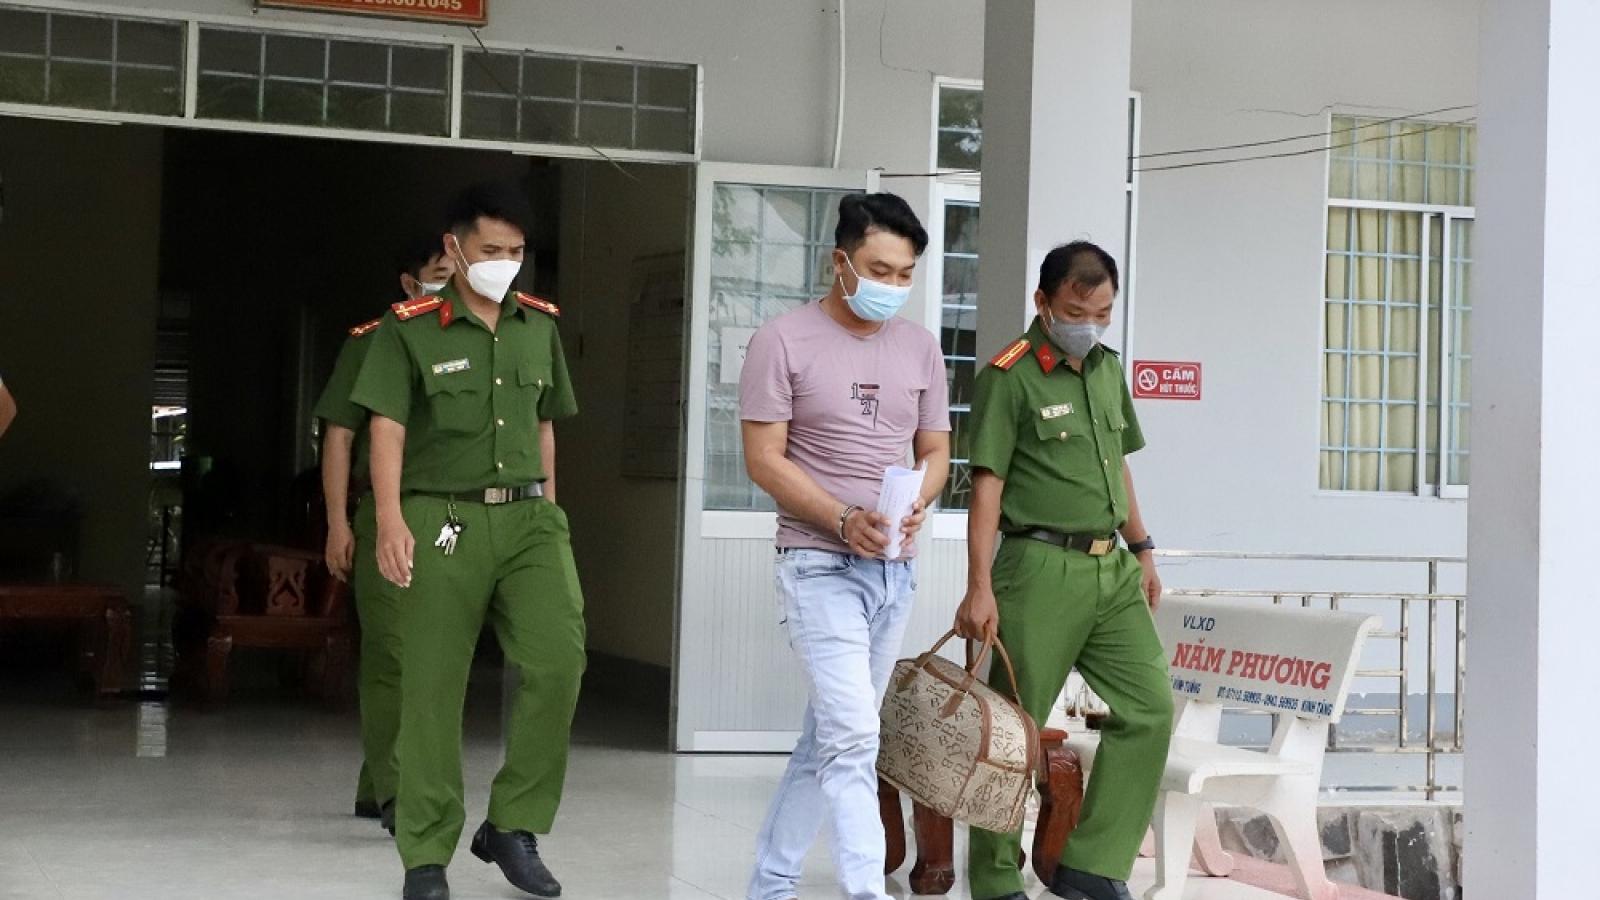 Hậu Giang bắt tạm giam tài xế chở người về từ vùng dịch làm lây lan Covid-19